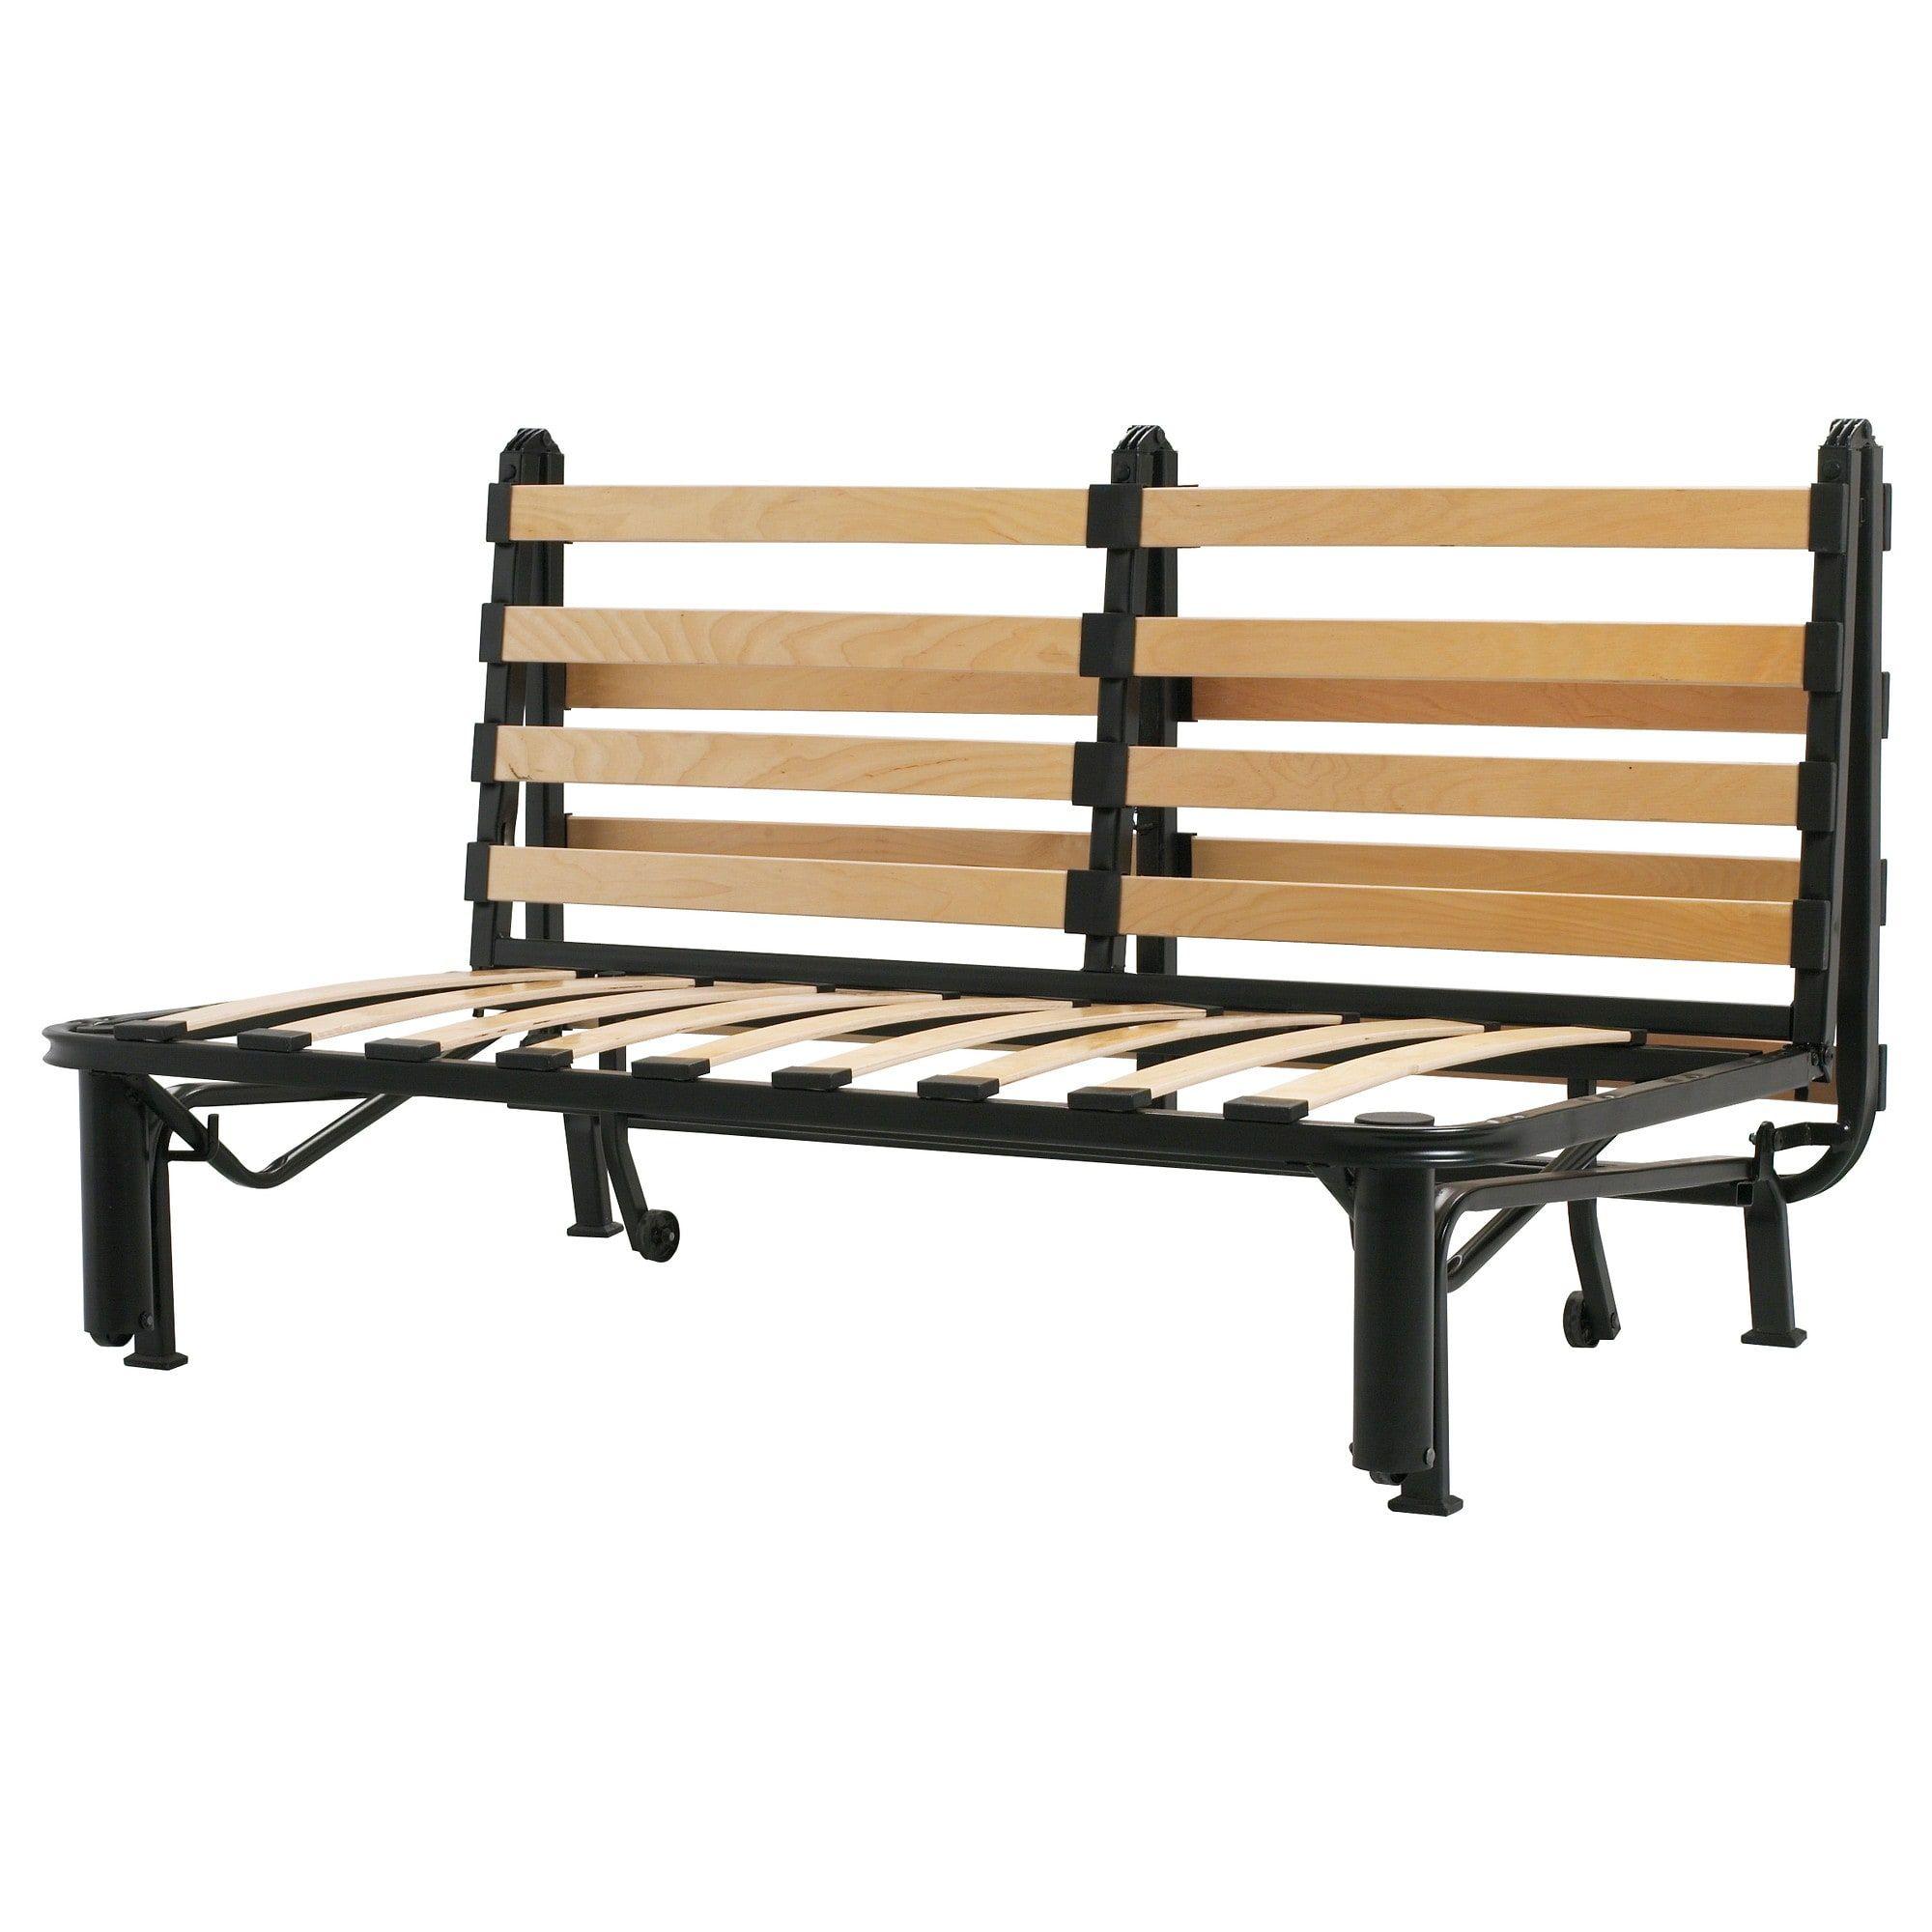 Lycksele Sleeper Sofa Frame Black Ikea In 2020 Lycksele Sofa Bed Frame Ikea Sofa Bed